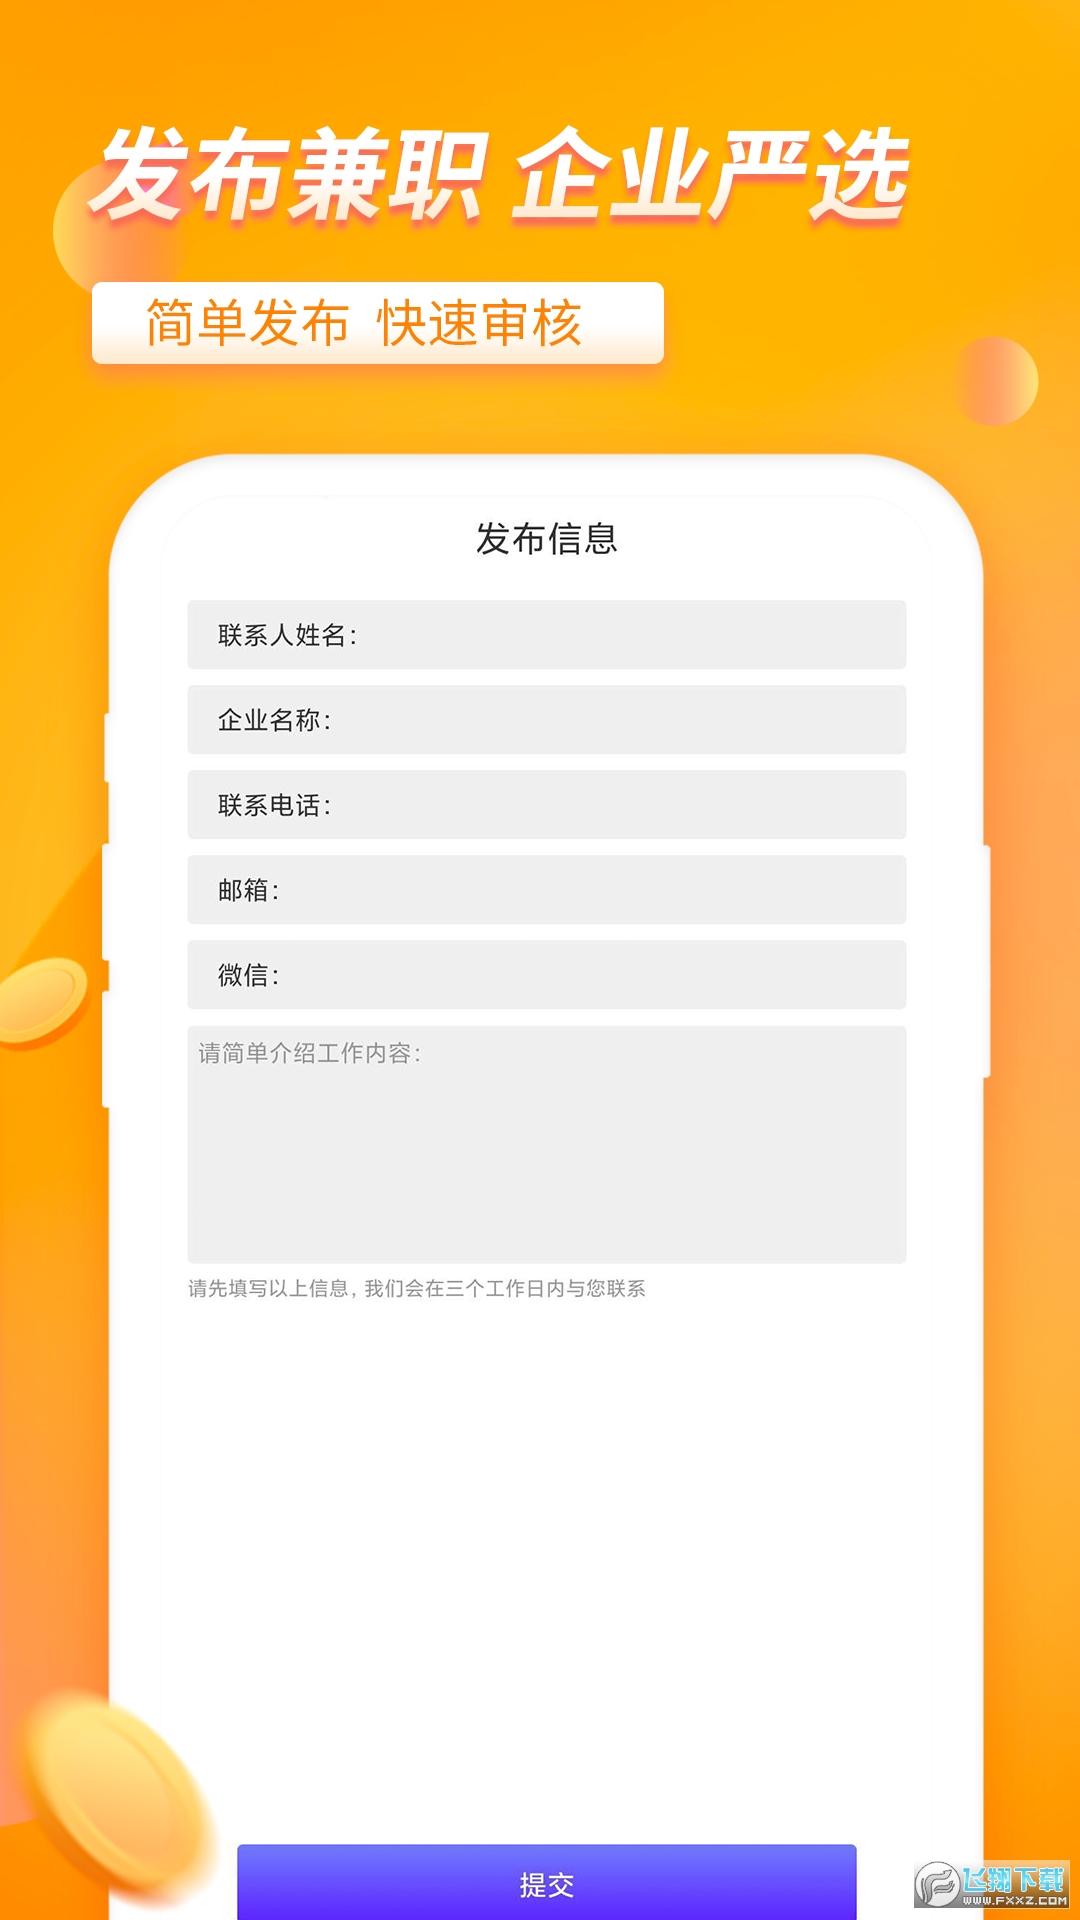 大象兼职手机兼职赚钱app1.5.8官网版截图1